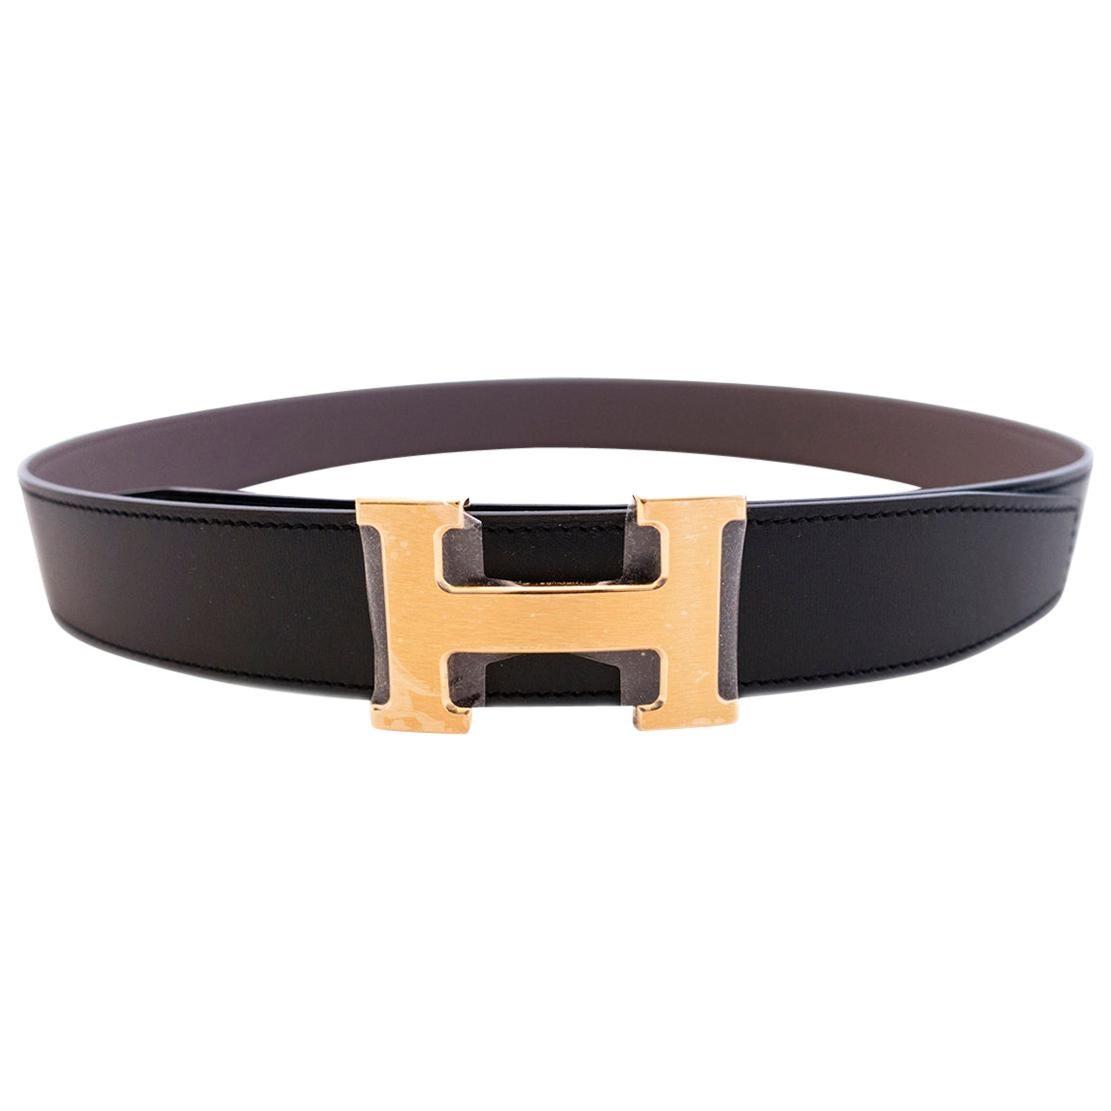 Hermes Etain Grey Black Reversible Constance Gold Belt Kit 32mm 85cm New GIFT!